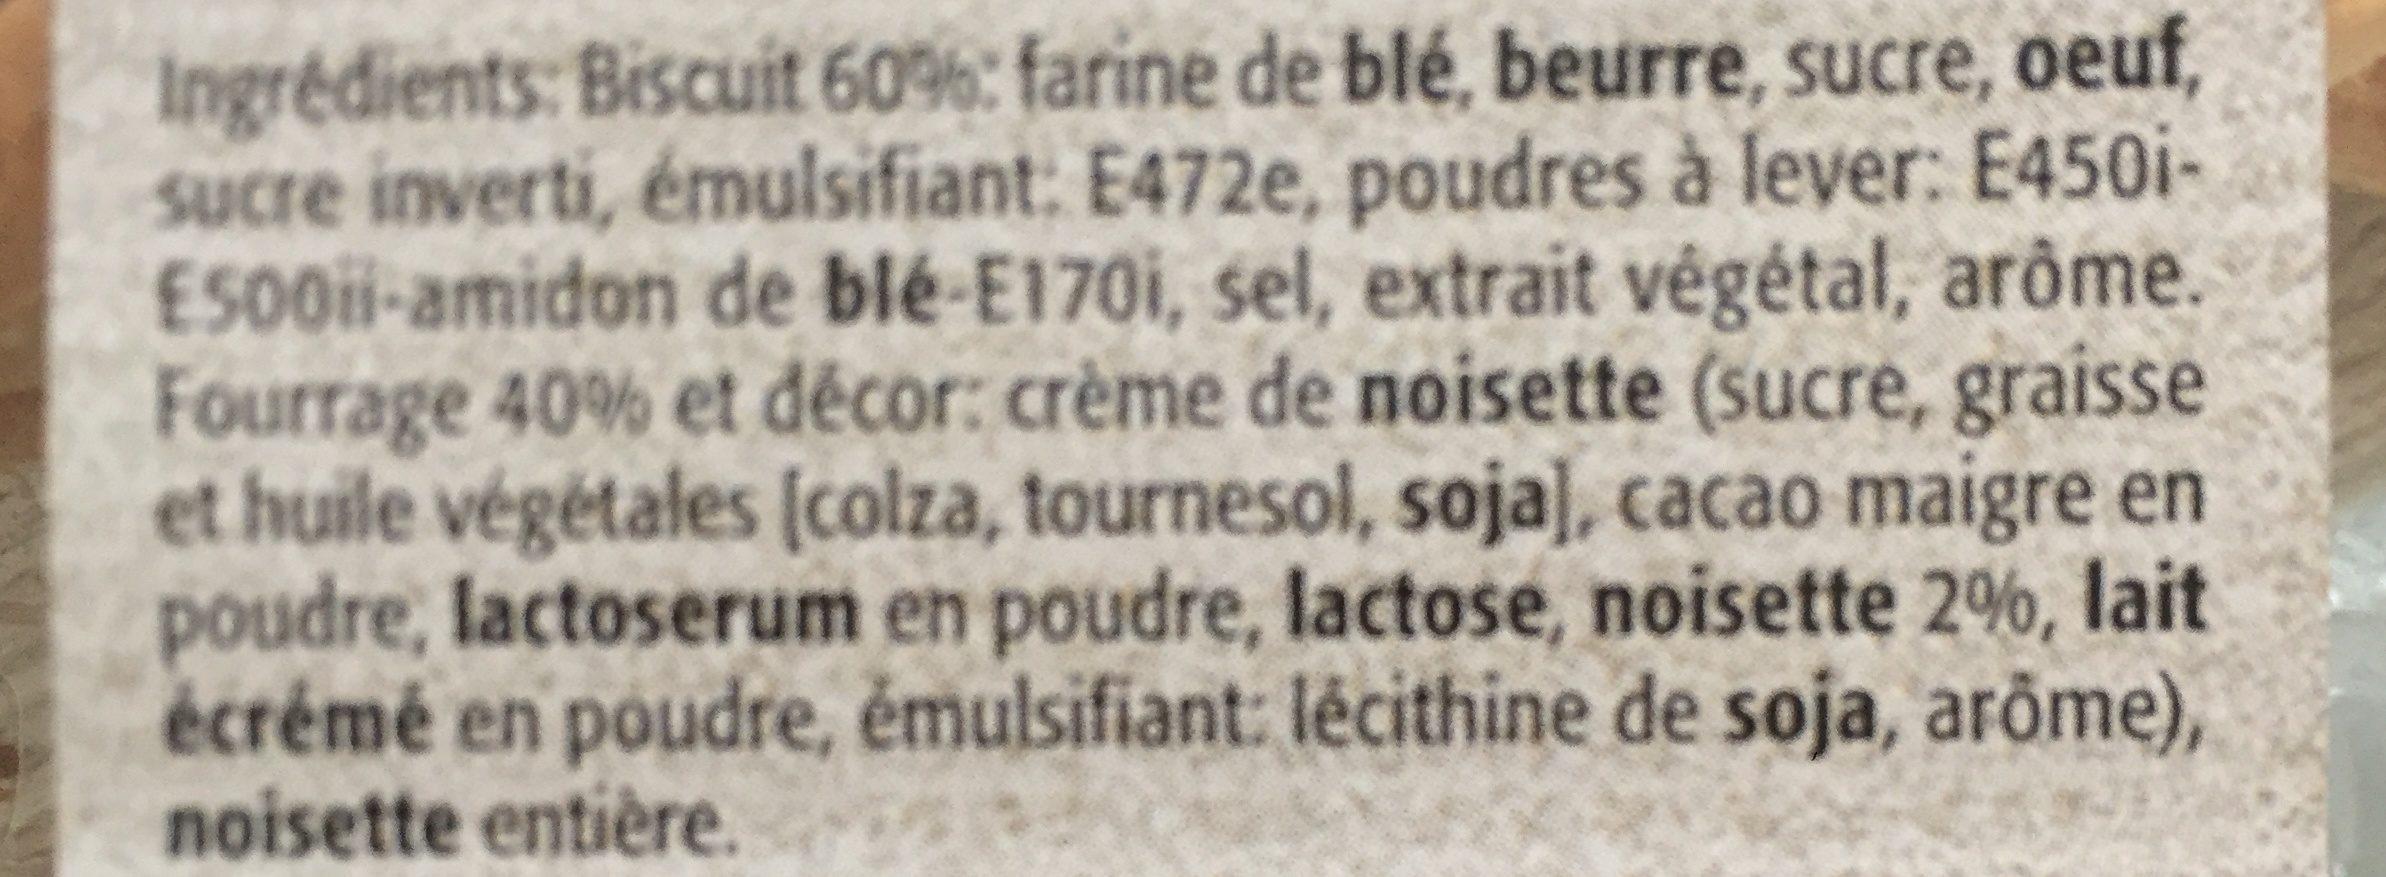 Biscuits Fourrés à la Noisette - Ingrédients - fr